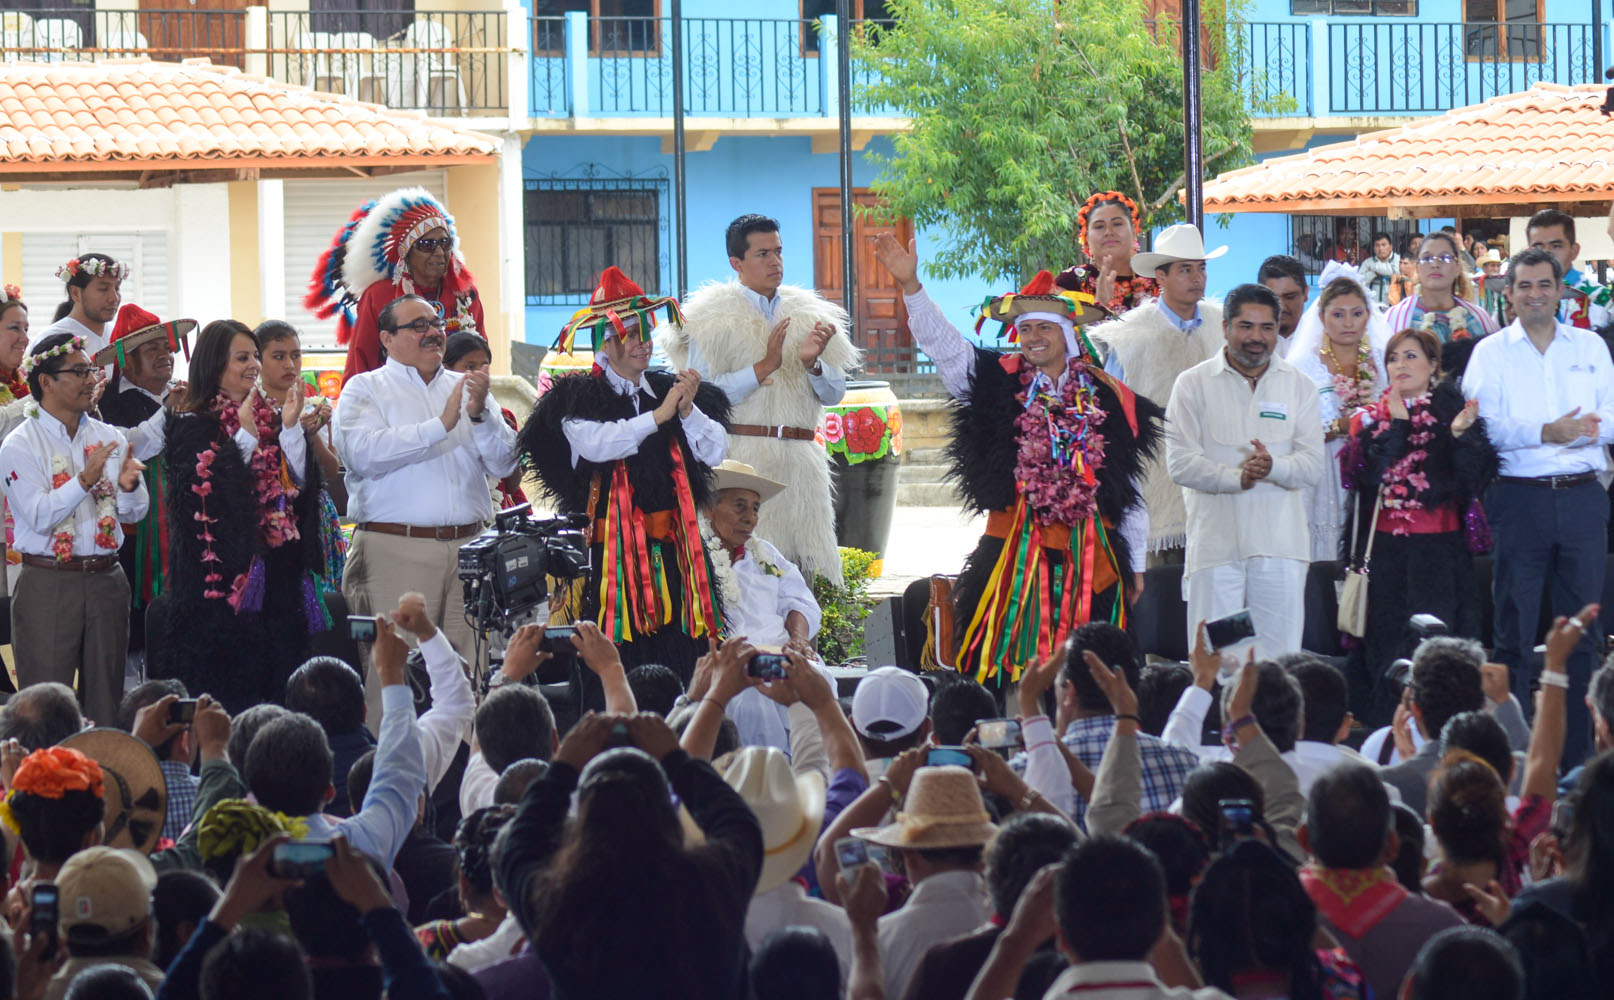 El titular de la Secretaría de Desarrollo Agrario, Territorial y Urbano, Jorge Carlos Ramírez Marín, asistió al acto por un año de resultados de la Cruzada Nacional contra el Hambre, encabezado por el Presidente Enrique Peña Nieto.